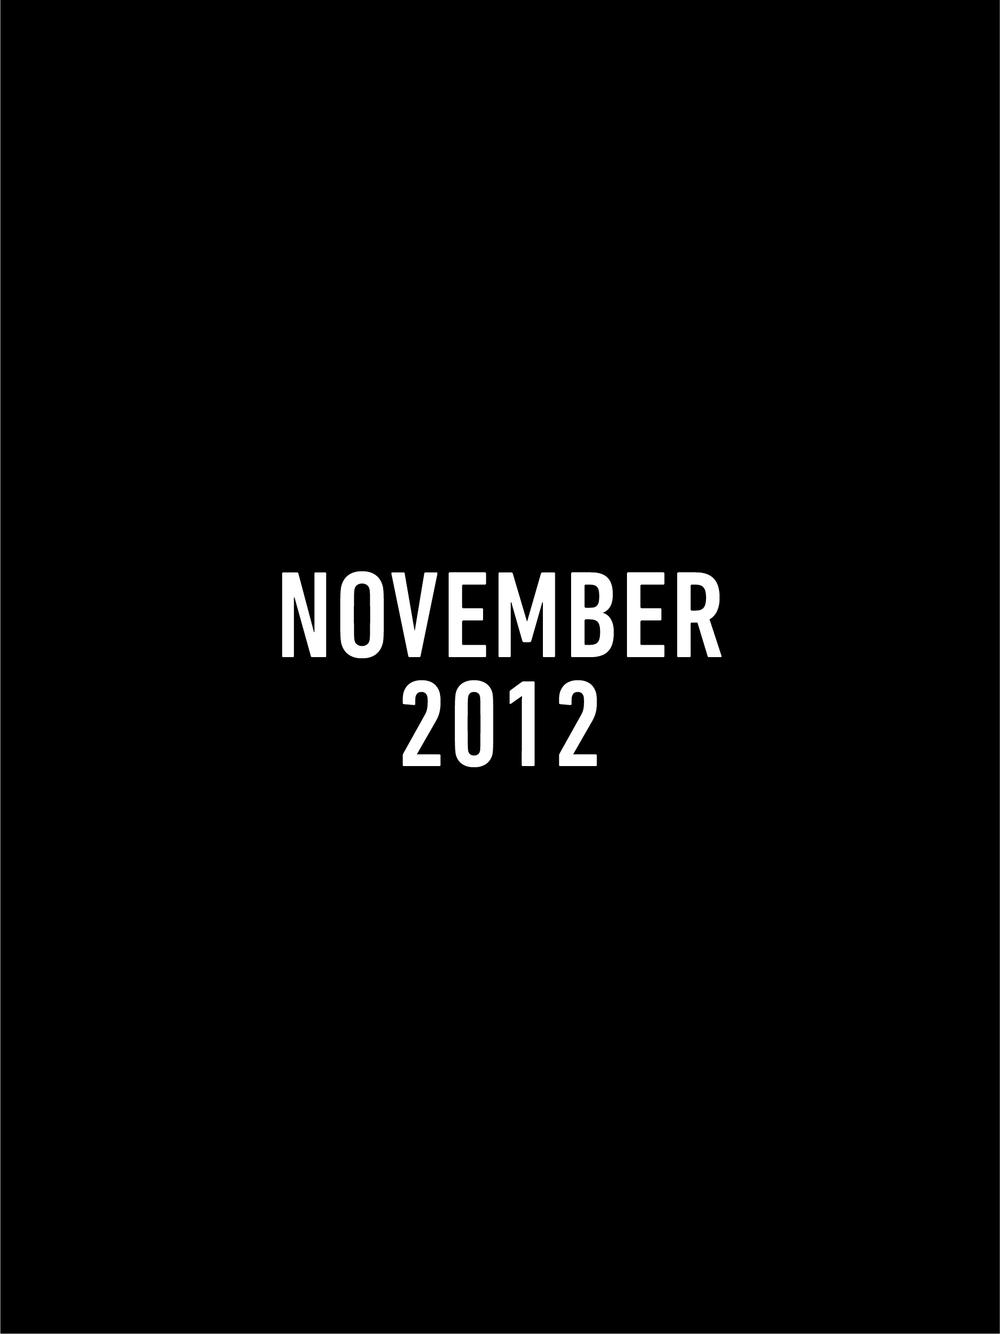 2012 months11.jpg